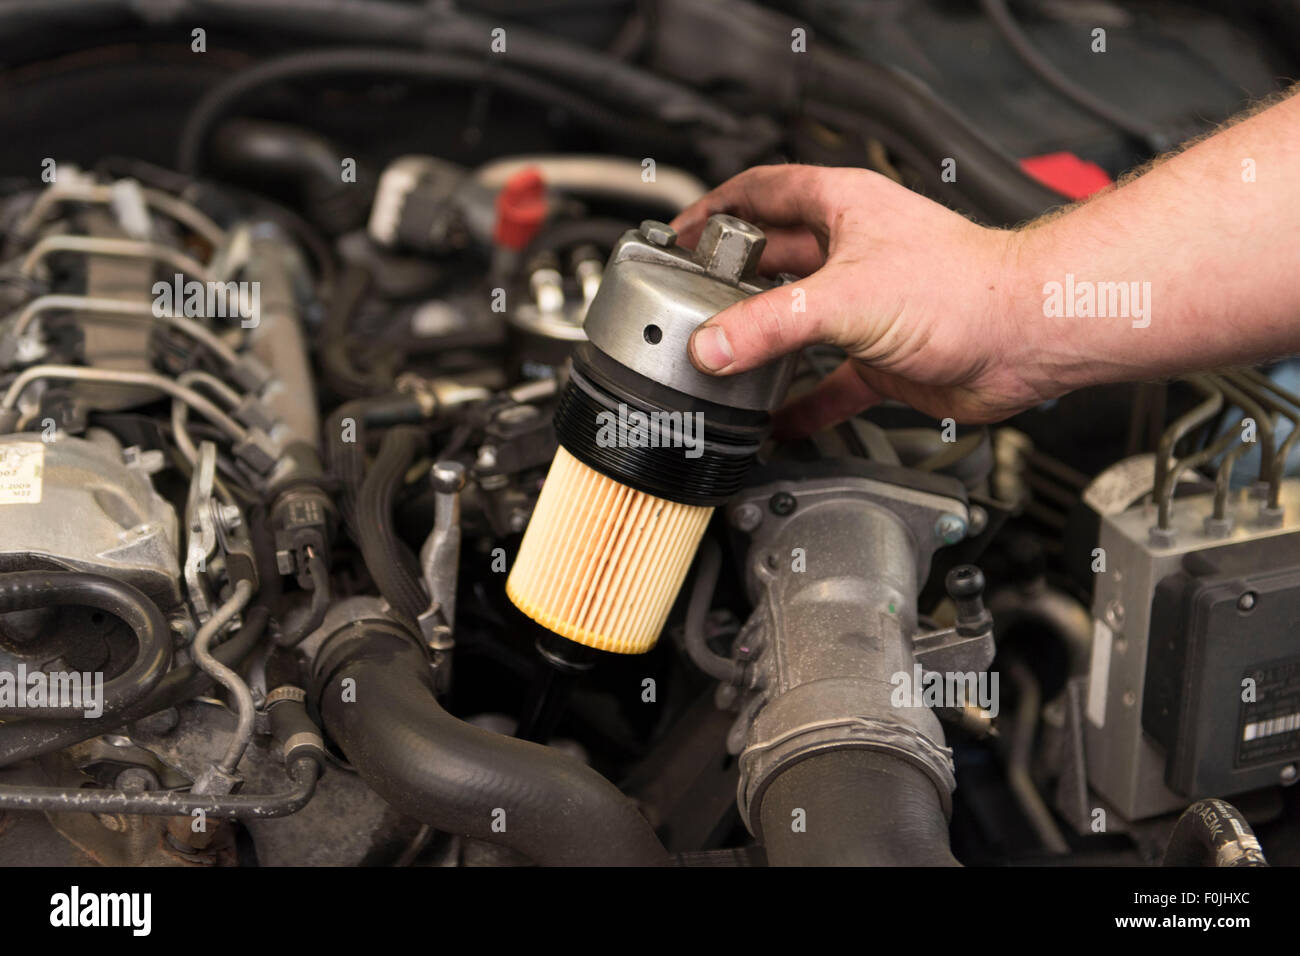 Un mecánico de automóviles se adapta un filtro de aceite para un coche durante el mantenimiento general Foto de stock